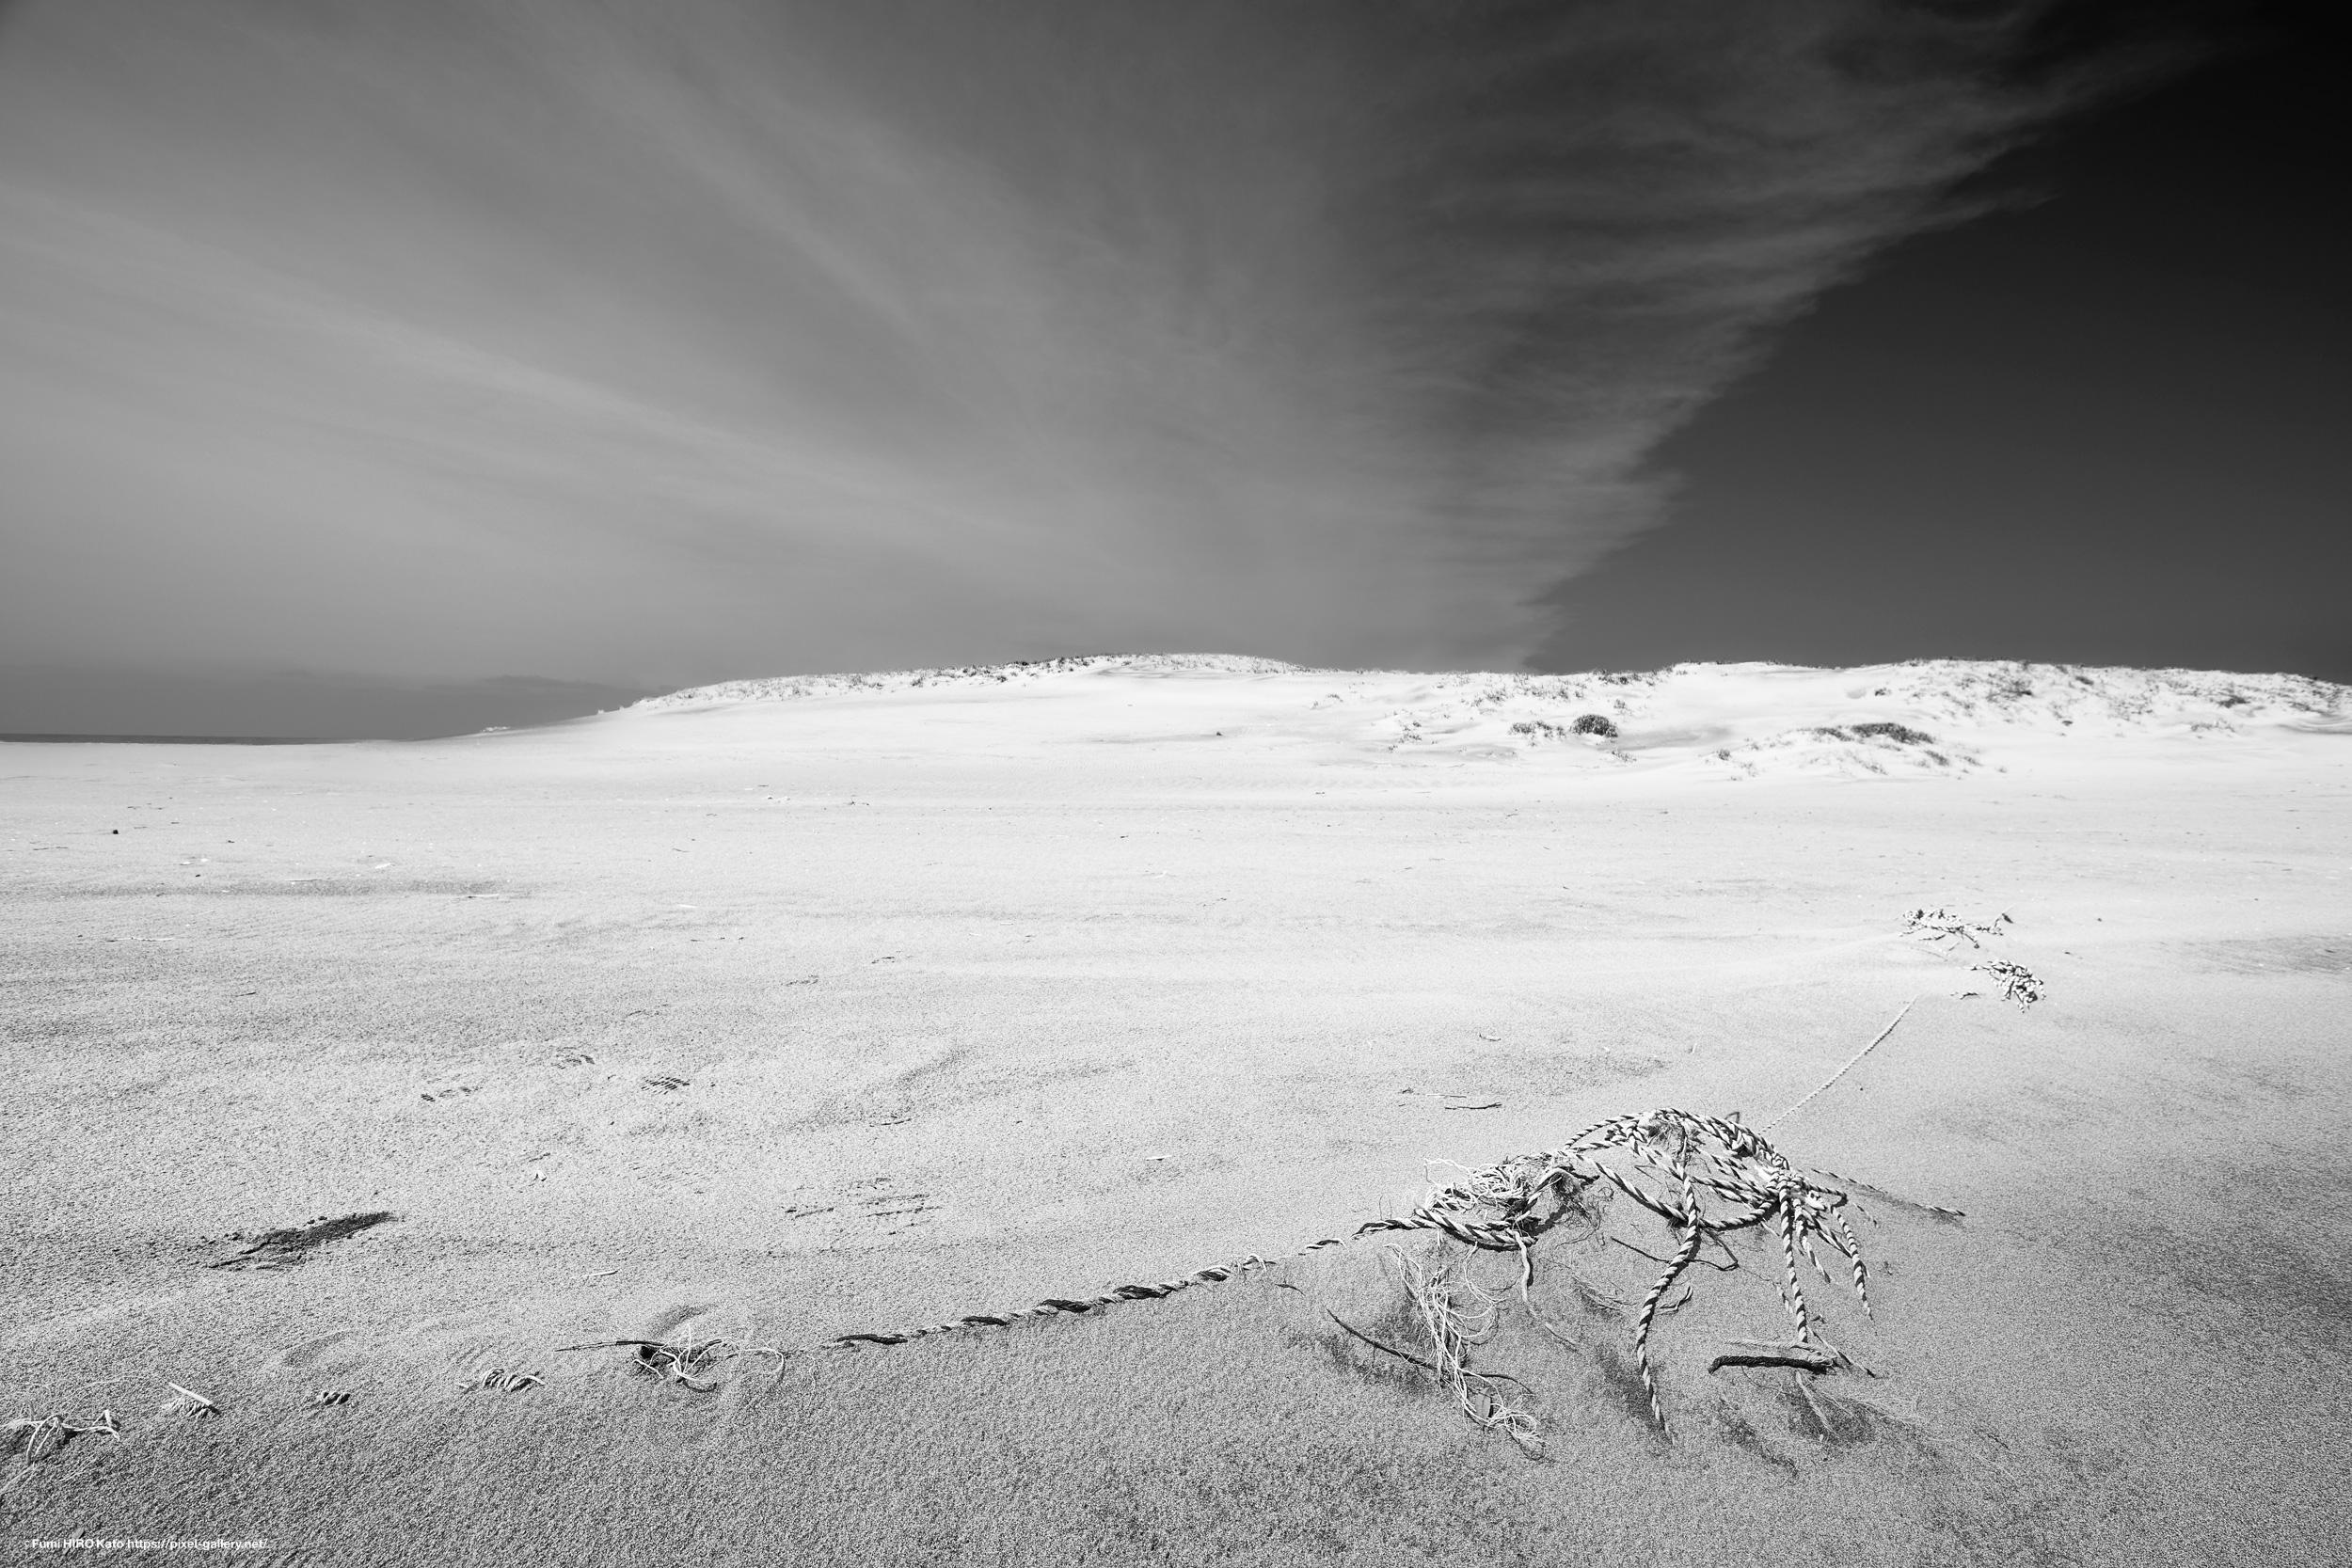 惑星と文明 19-020 時間は砂となって降り積もる